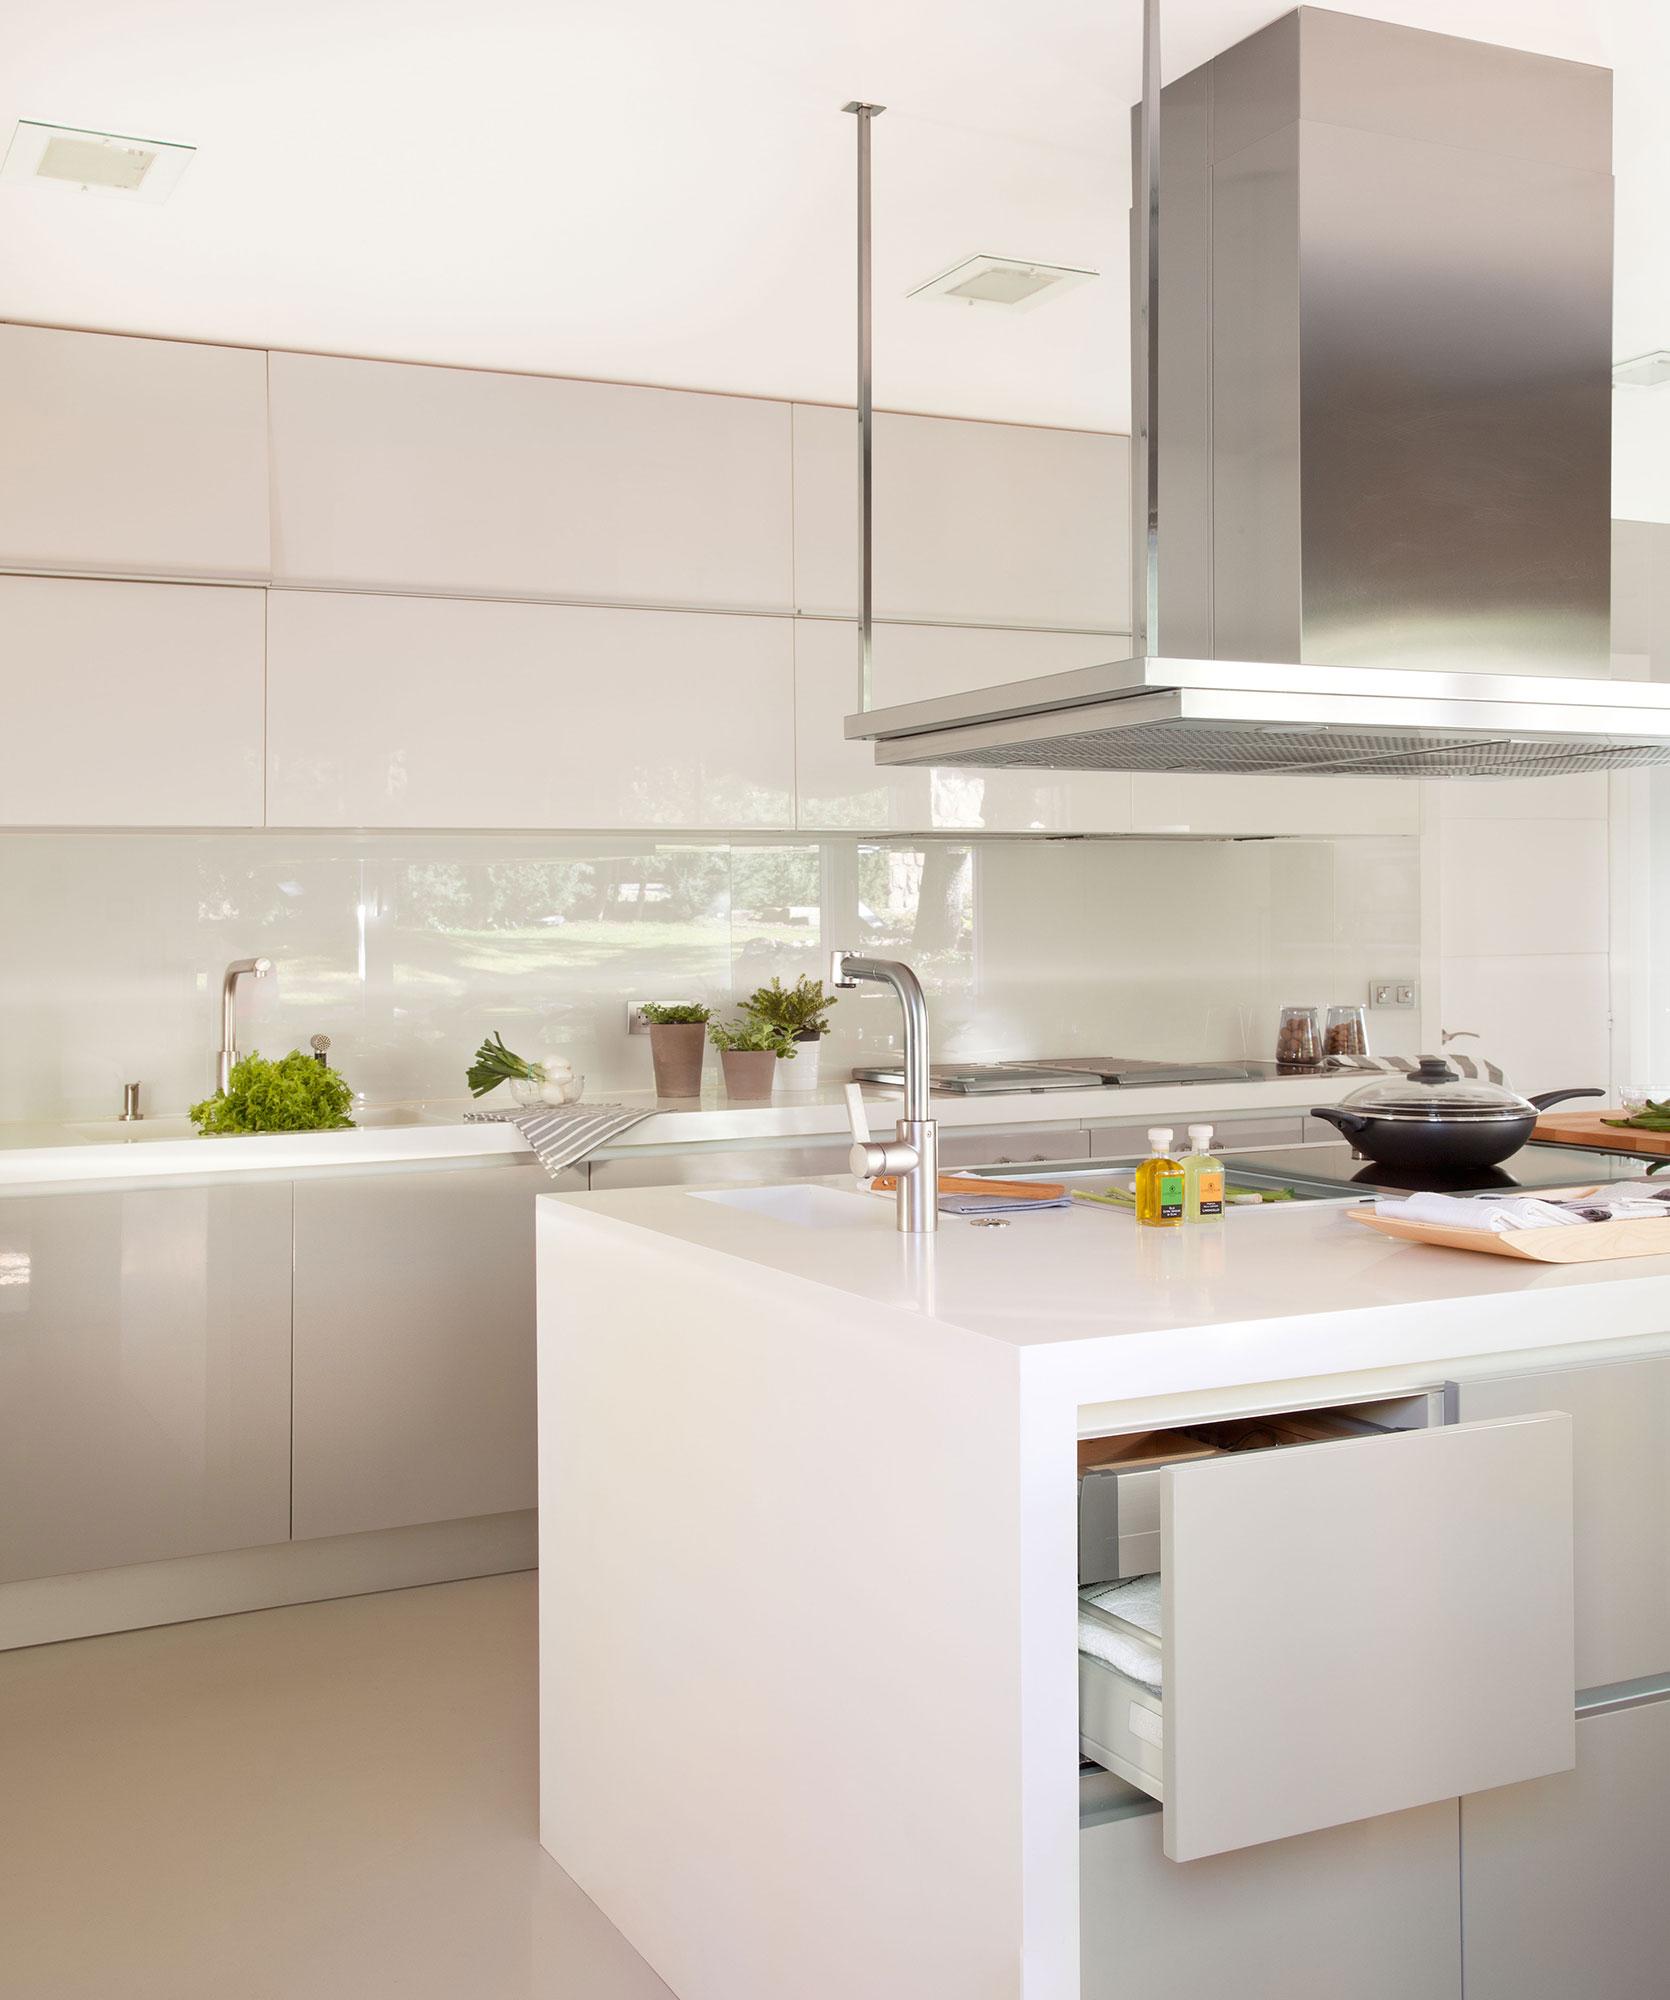 10 ideas infalibles para multiplicar la luz en la cocina for Cocina separada por un techo de vidrio